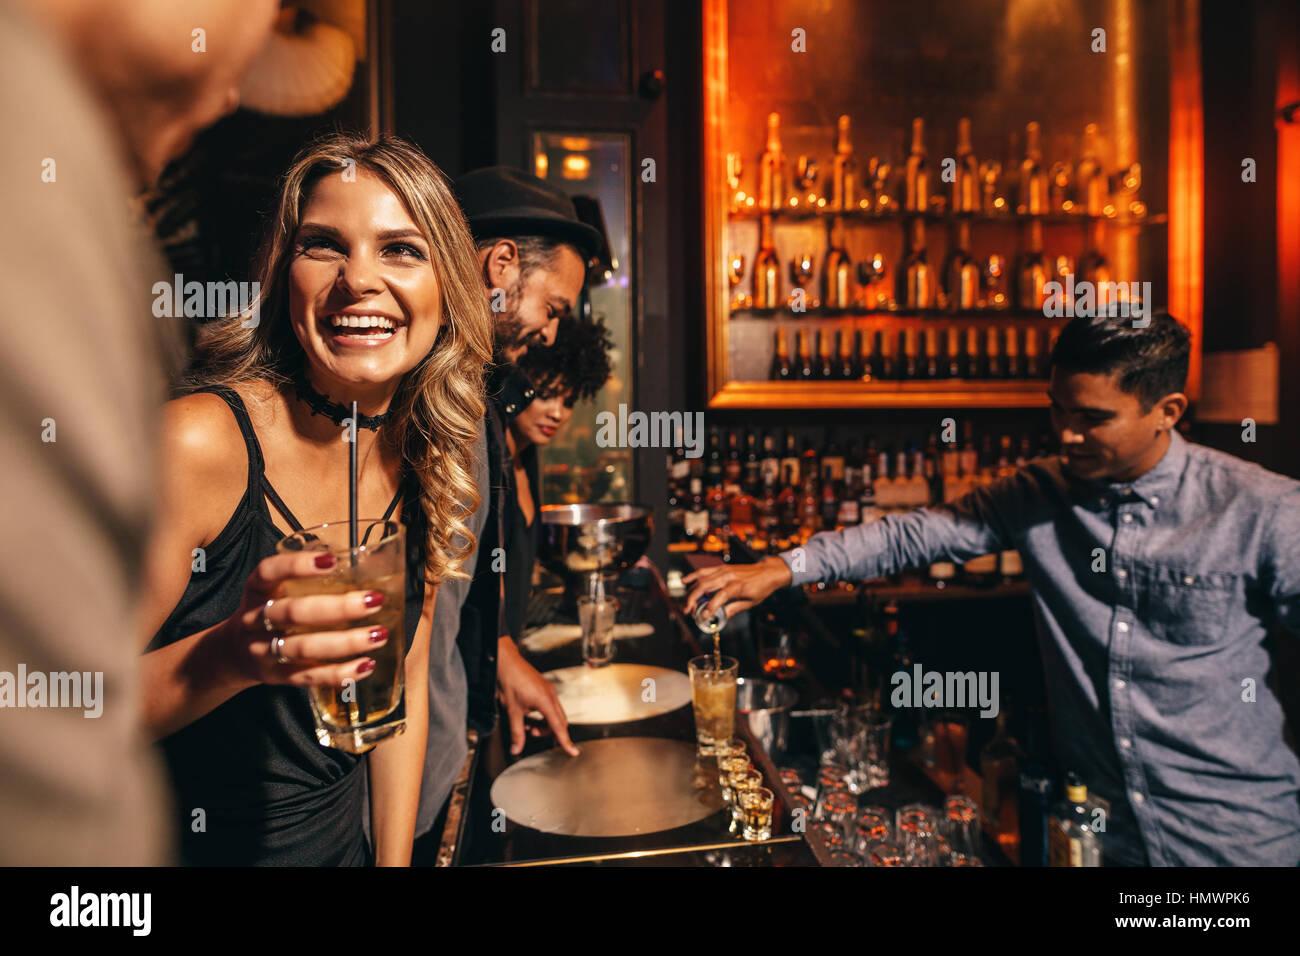 Hermosa mujer joven con sus amigos en el bar. Los jóvenes disfrutando de una noche en el club. Imagen De Stock